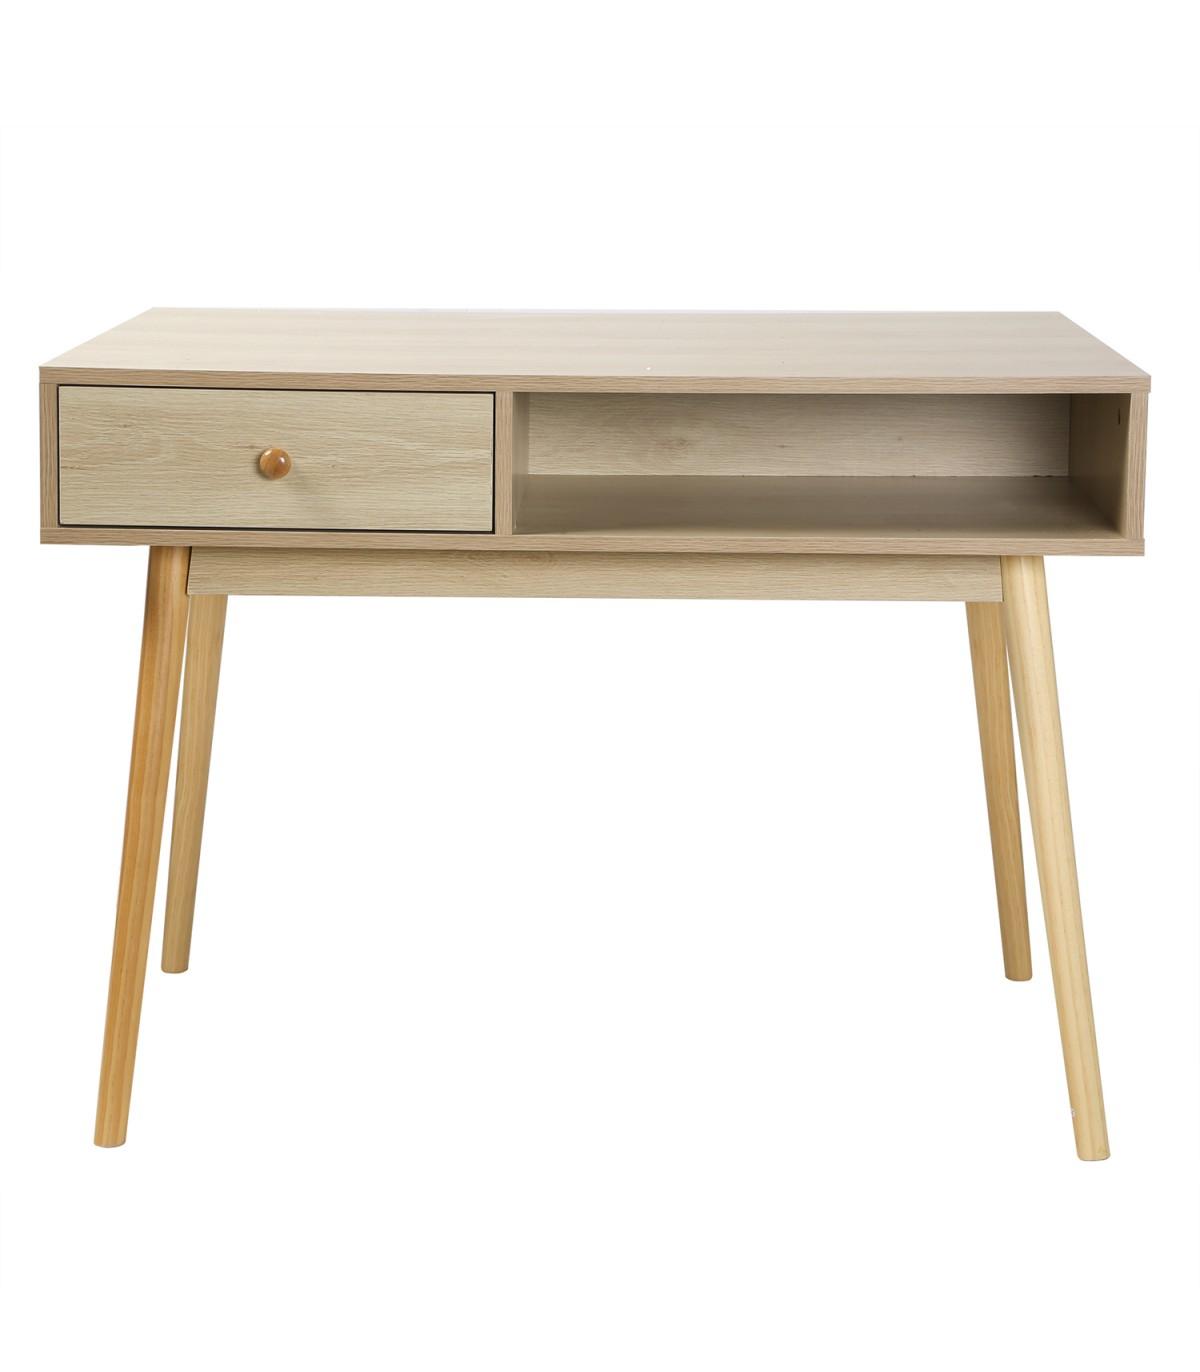 Bureau 1 tiroir 1 casier décor bois clair -  L 100 cm